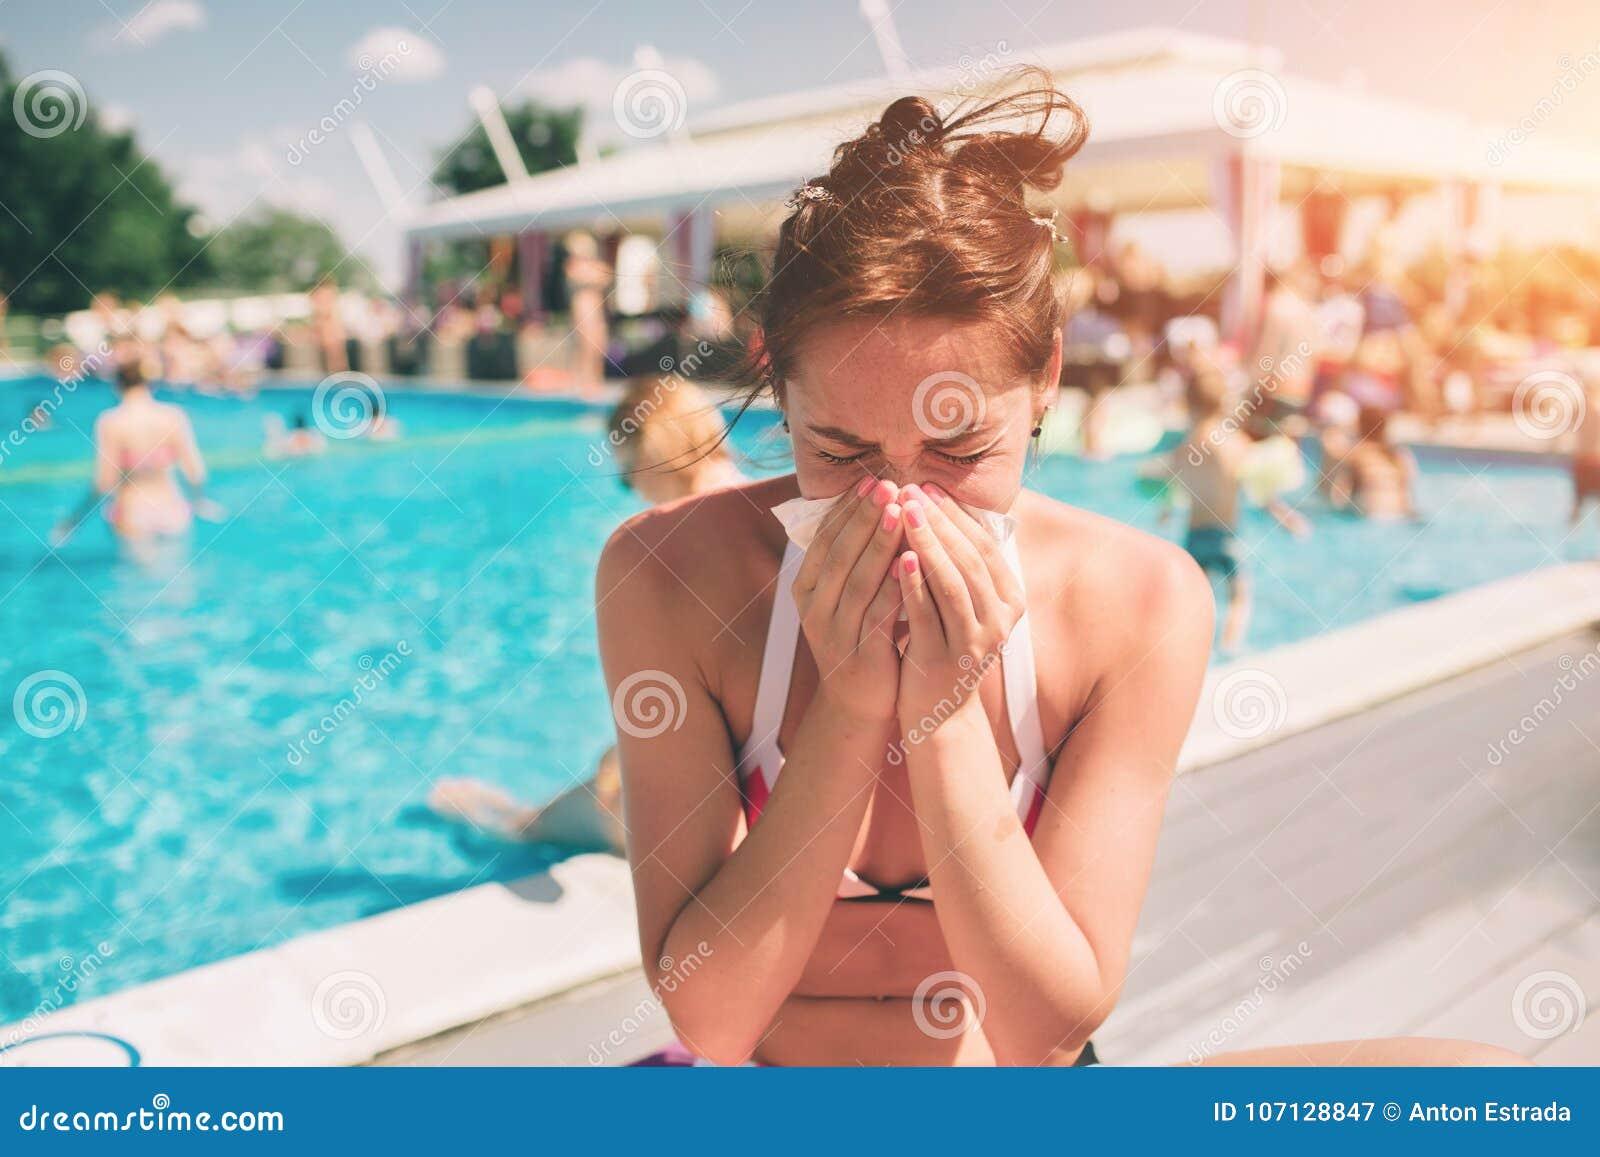 从的图片比基尼泳装的美丽的妇女有手帕的 病态的女性模型有流鼻水 女孩制造治疗